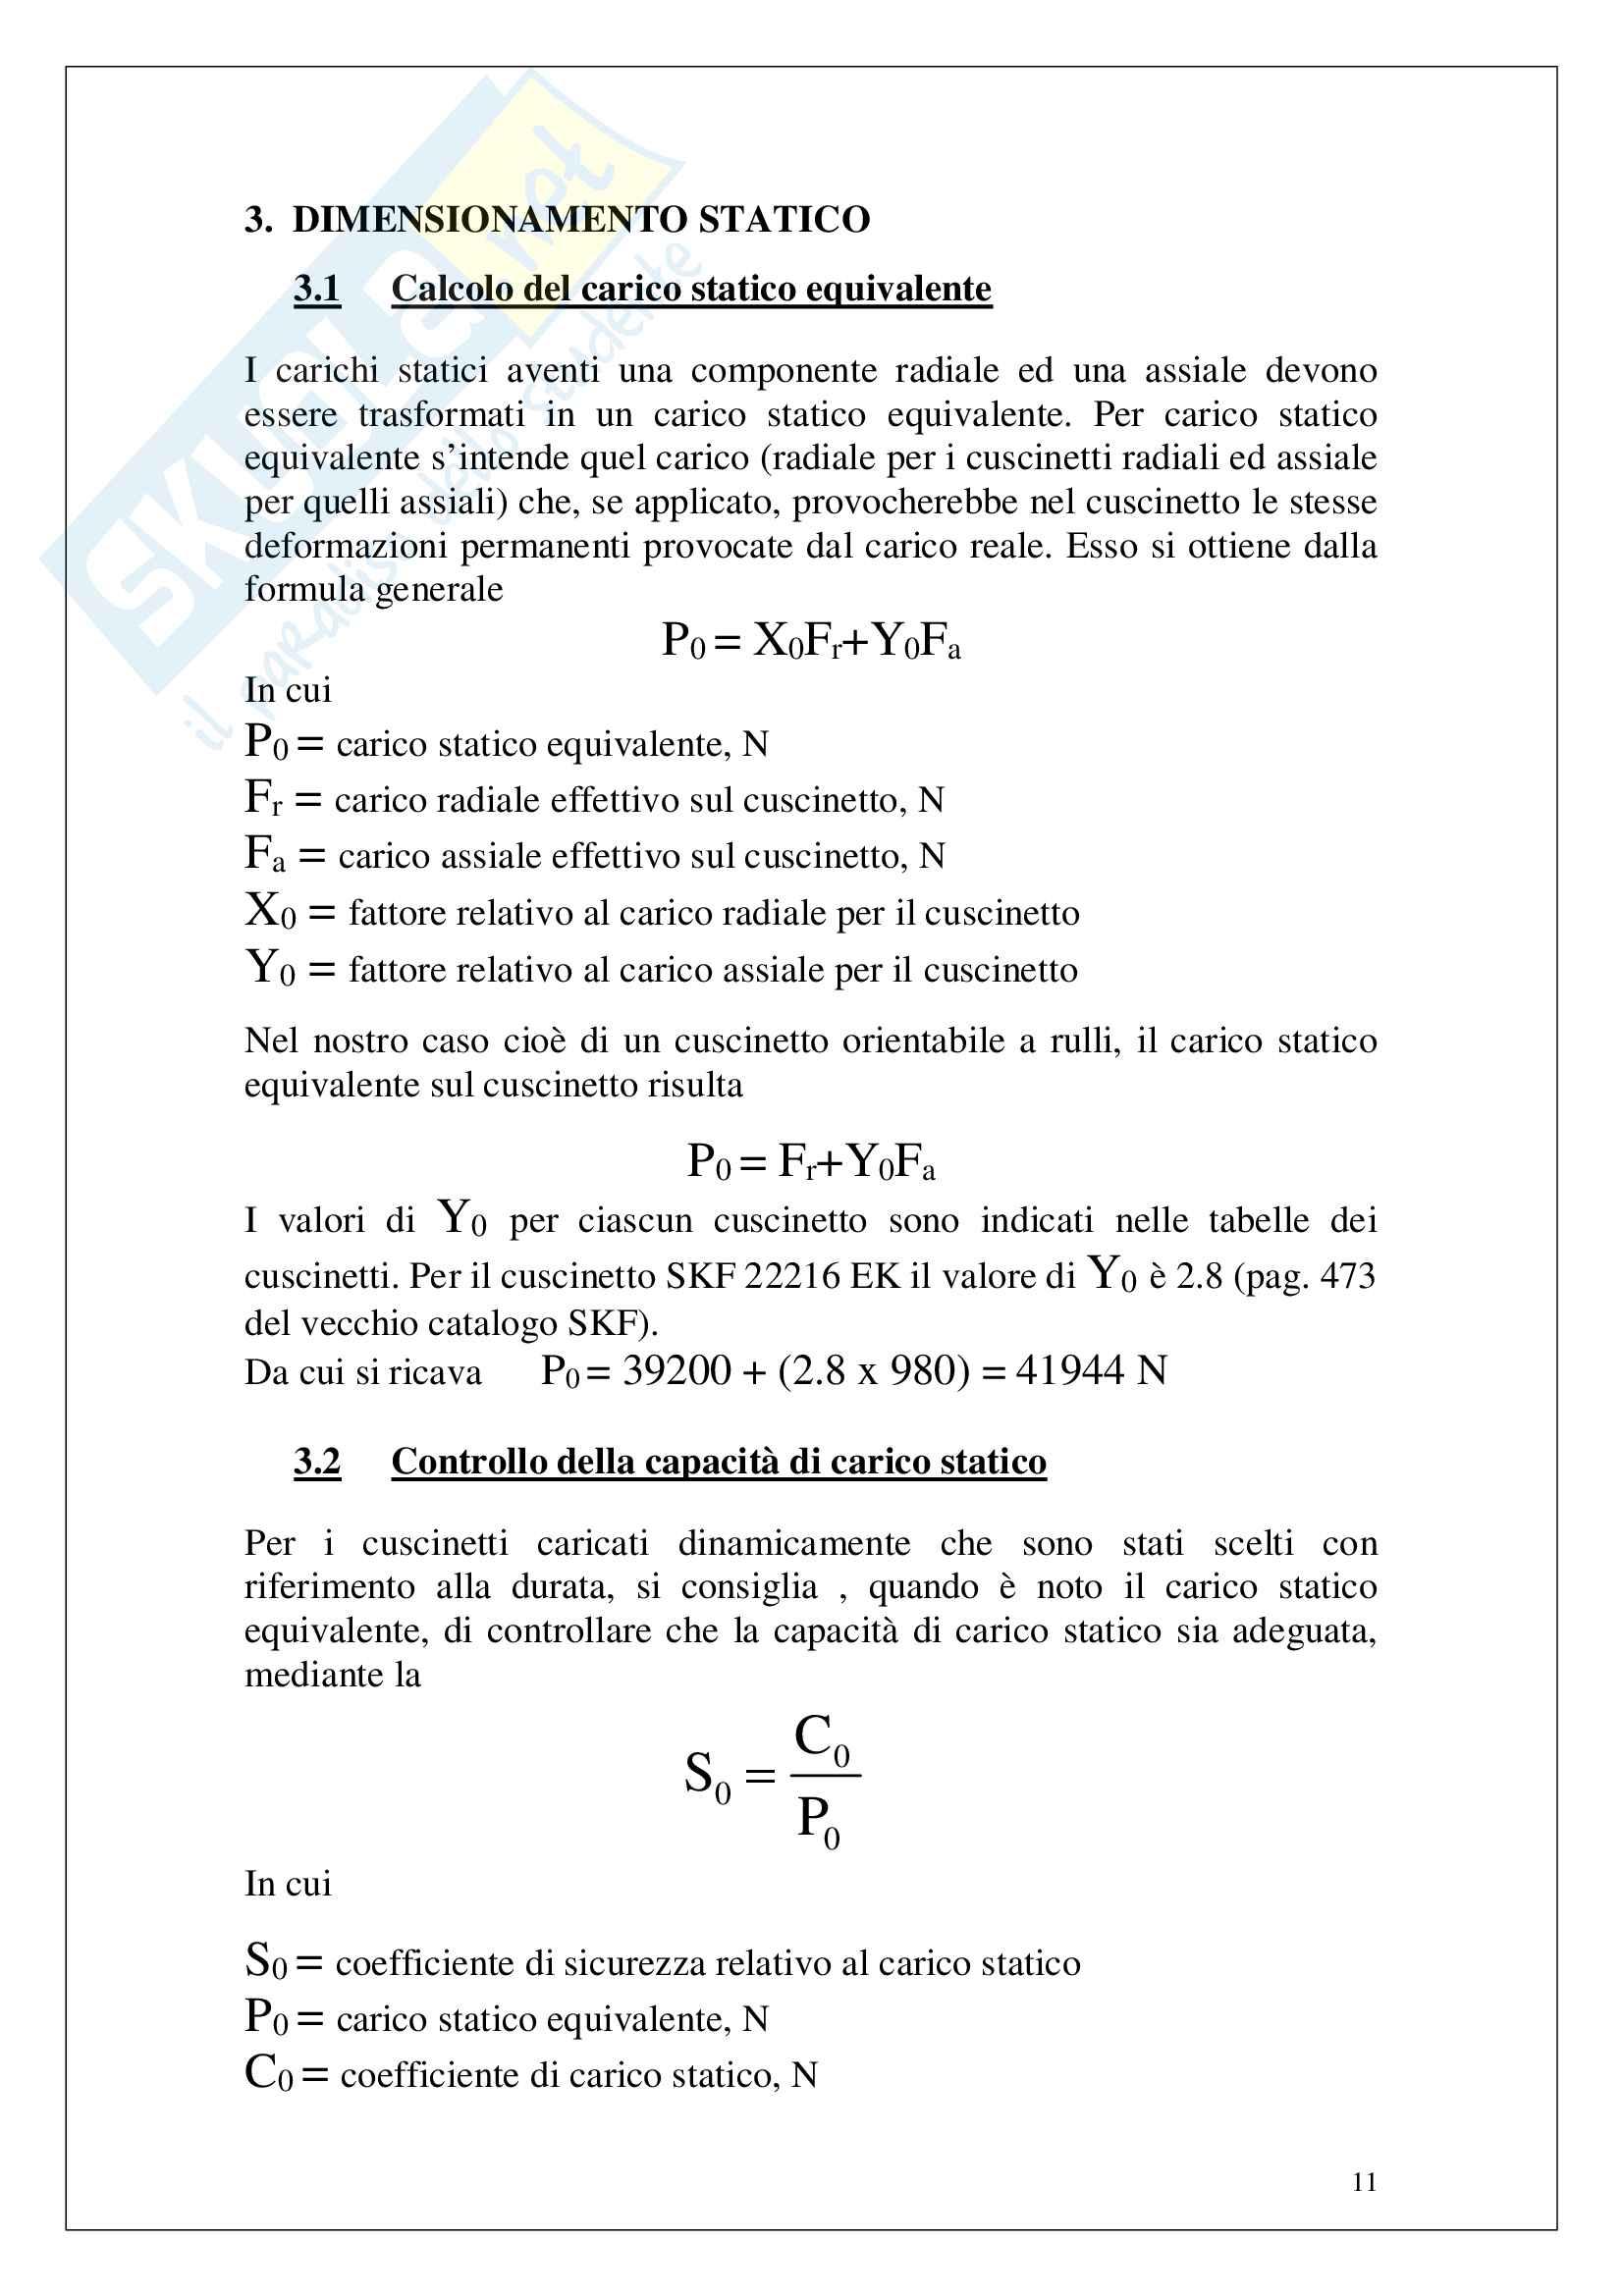 Scelta di cuscinetti per ventilatore centrifugo Pag. 11